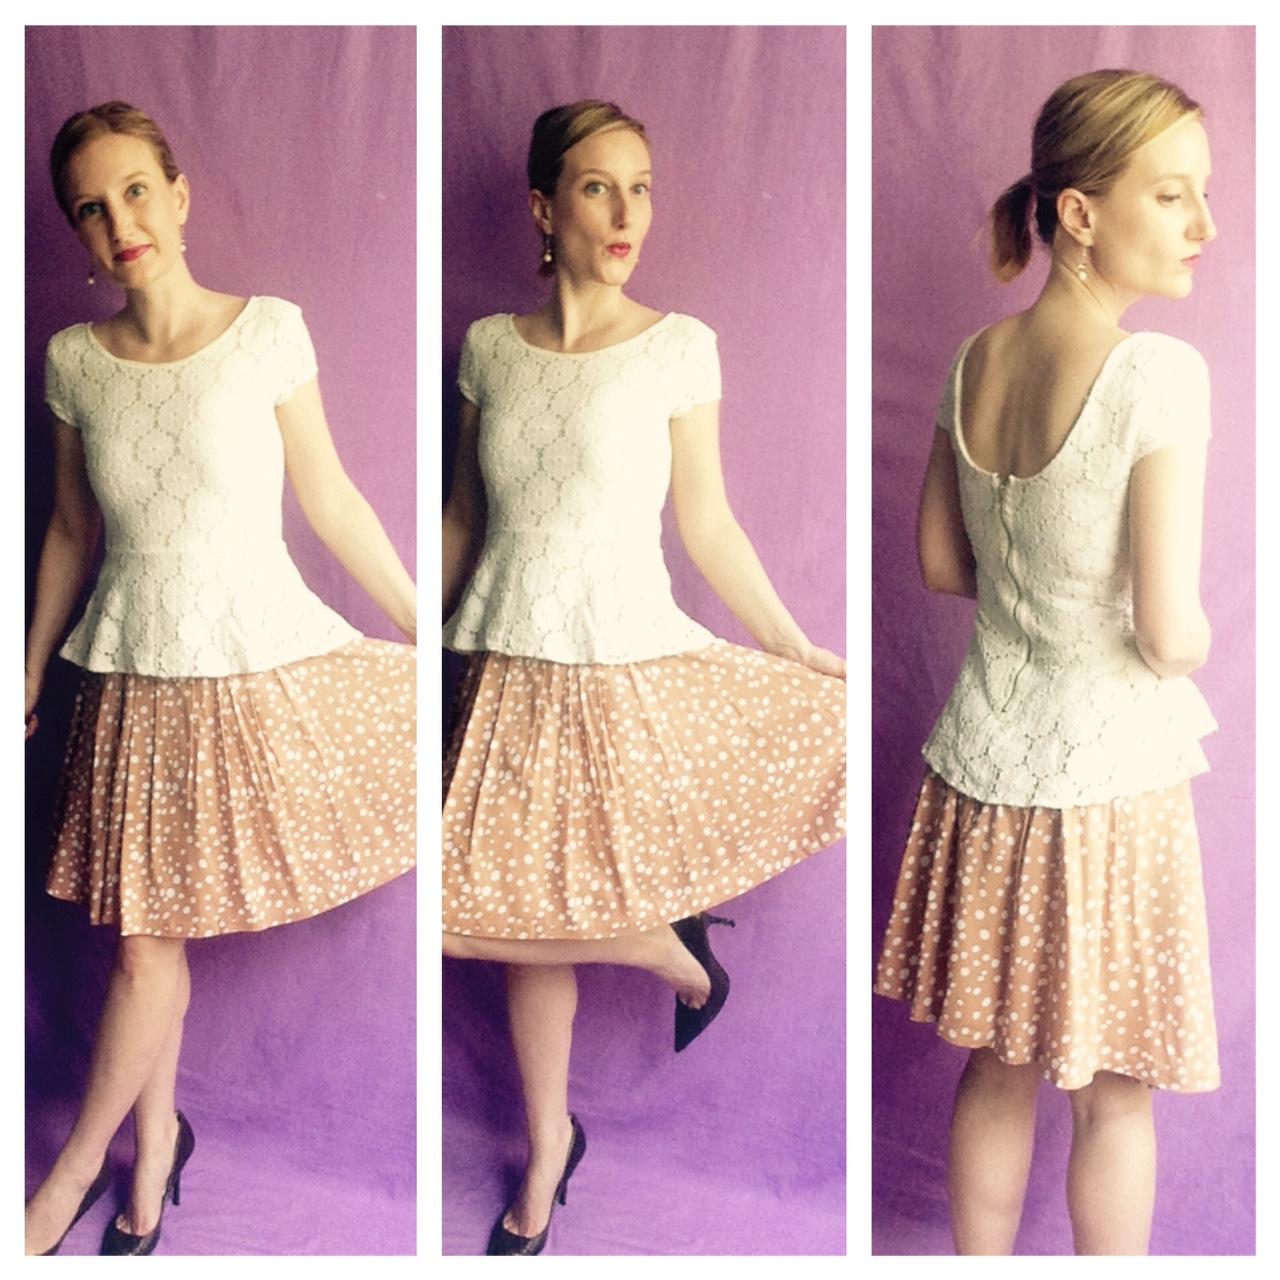 Fashion Mixing and Matching Fabrics